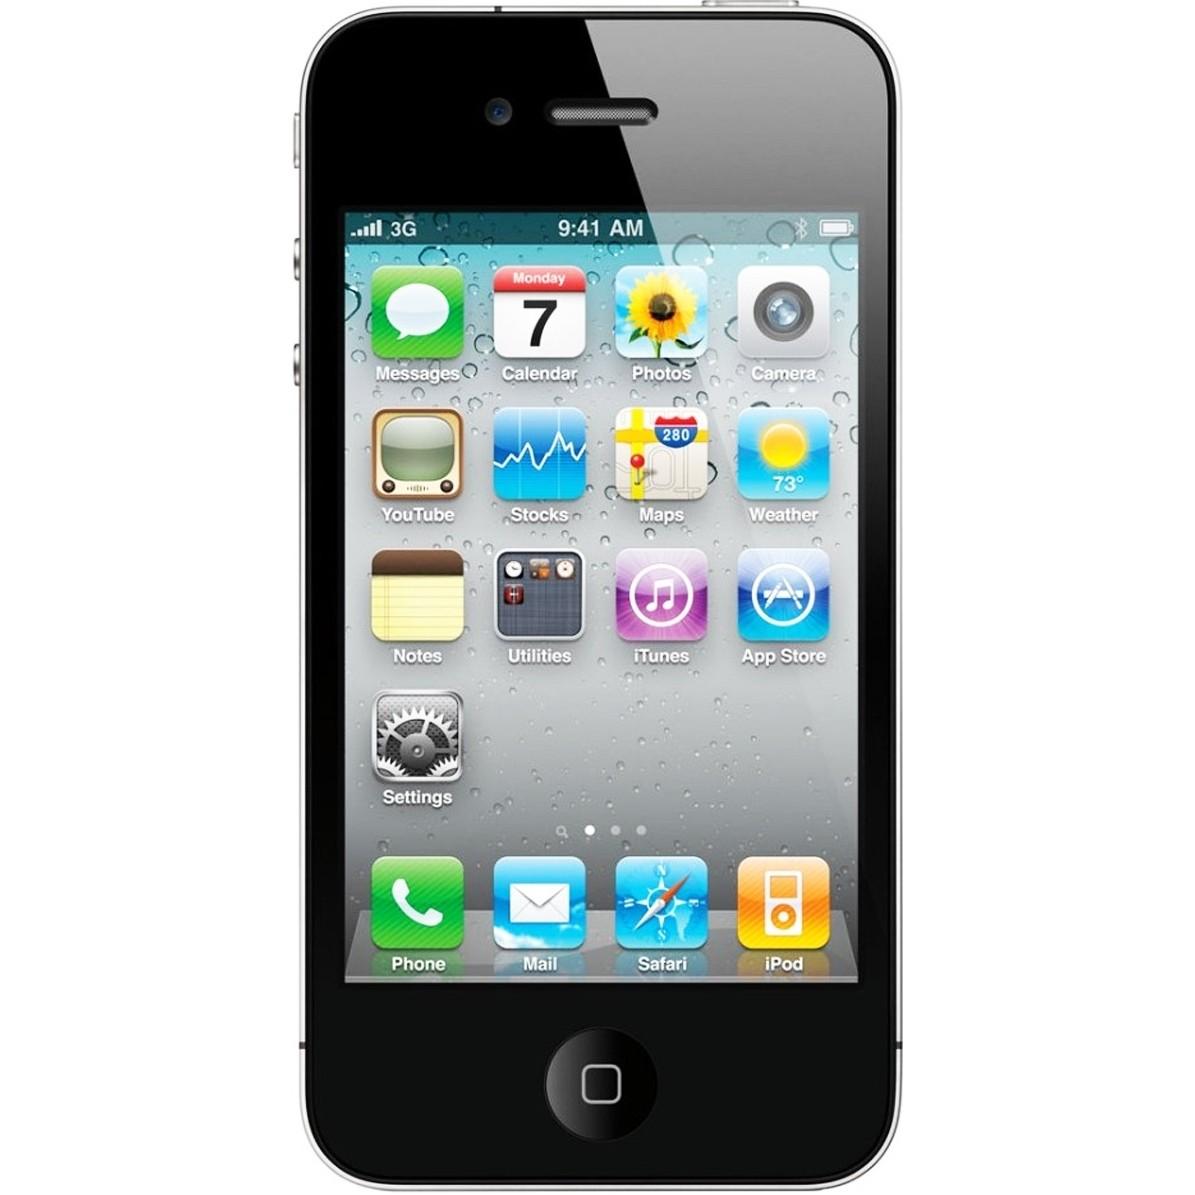 купить новый айфон 4 s в харькове новый